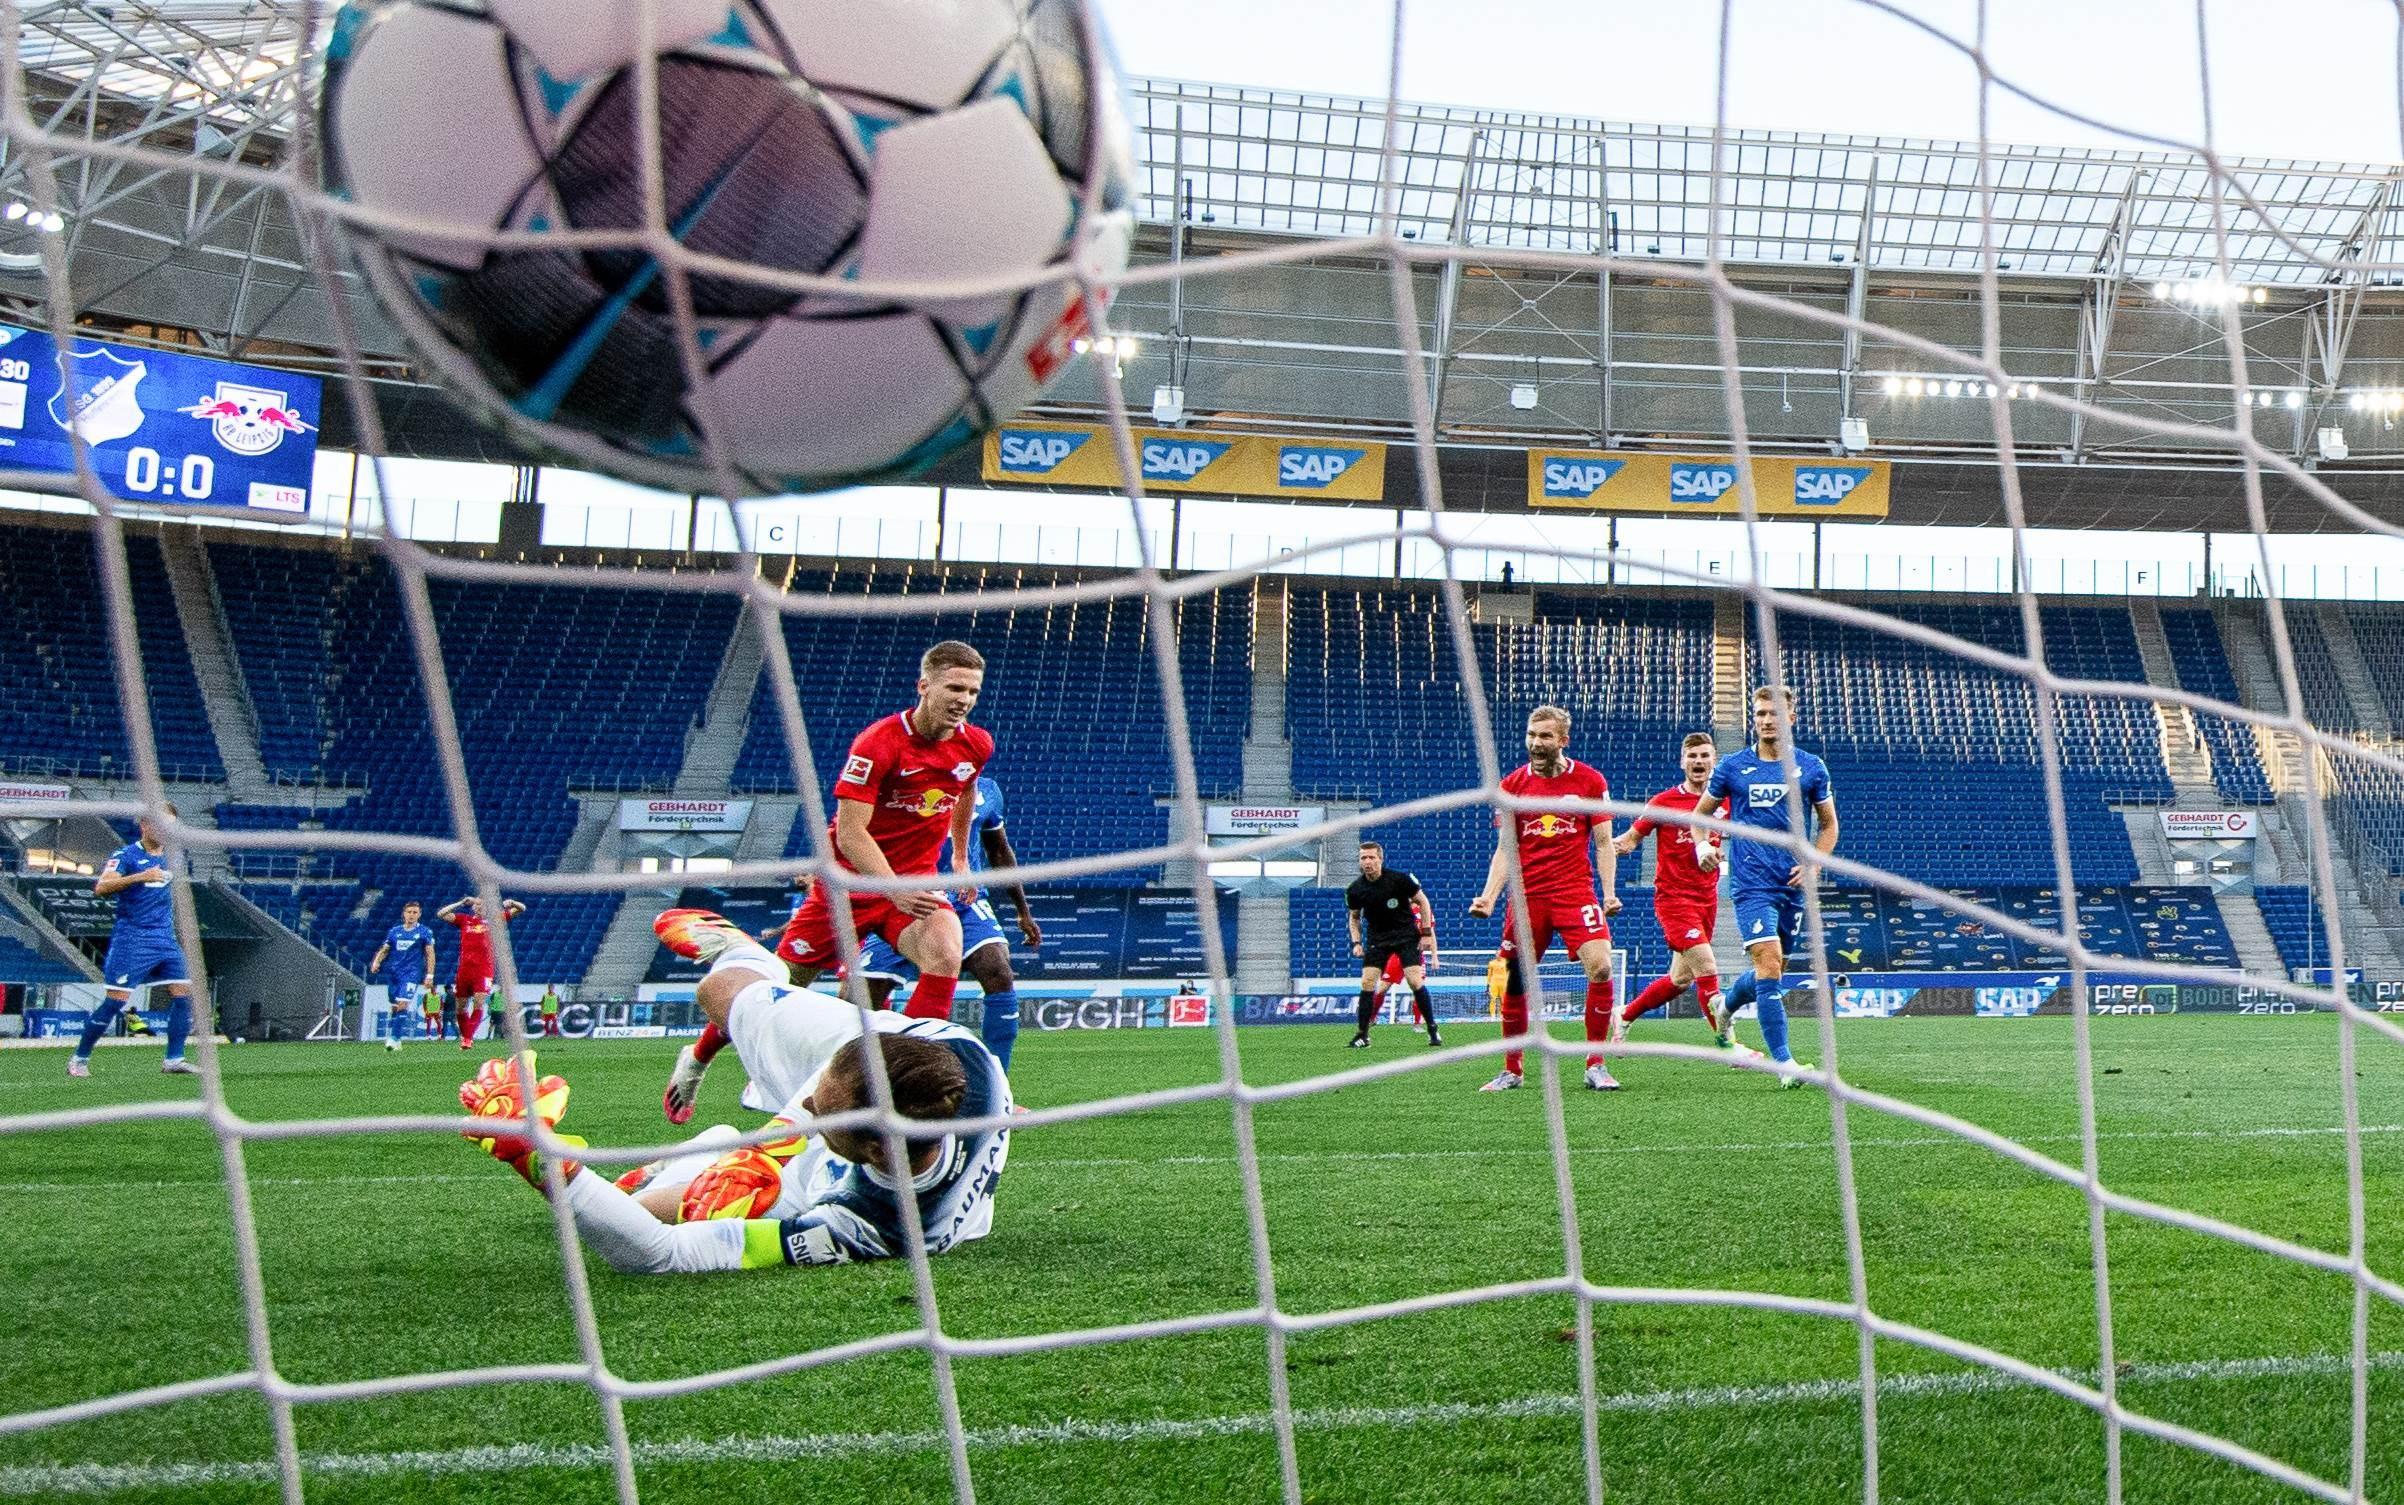 الدوري الألماني: لايبزيغ يعود إلى سكة الانتصارات